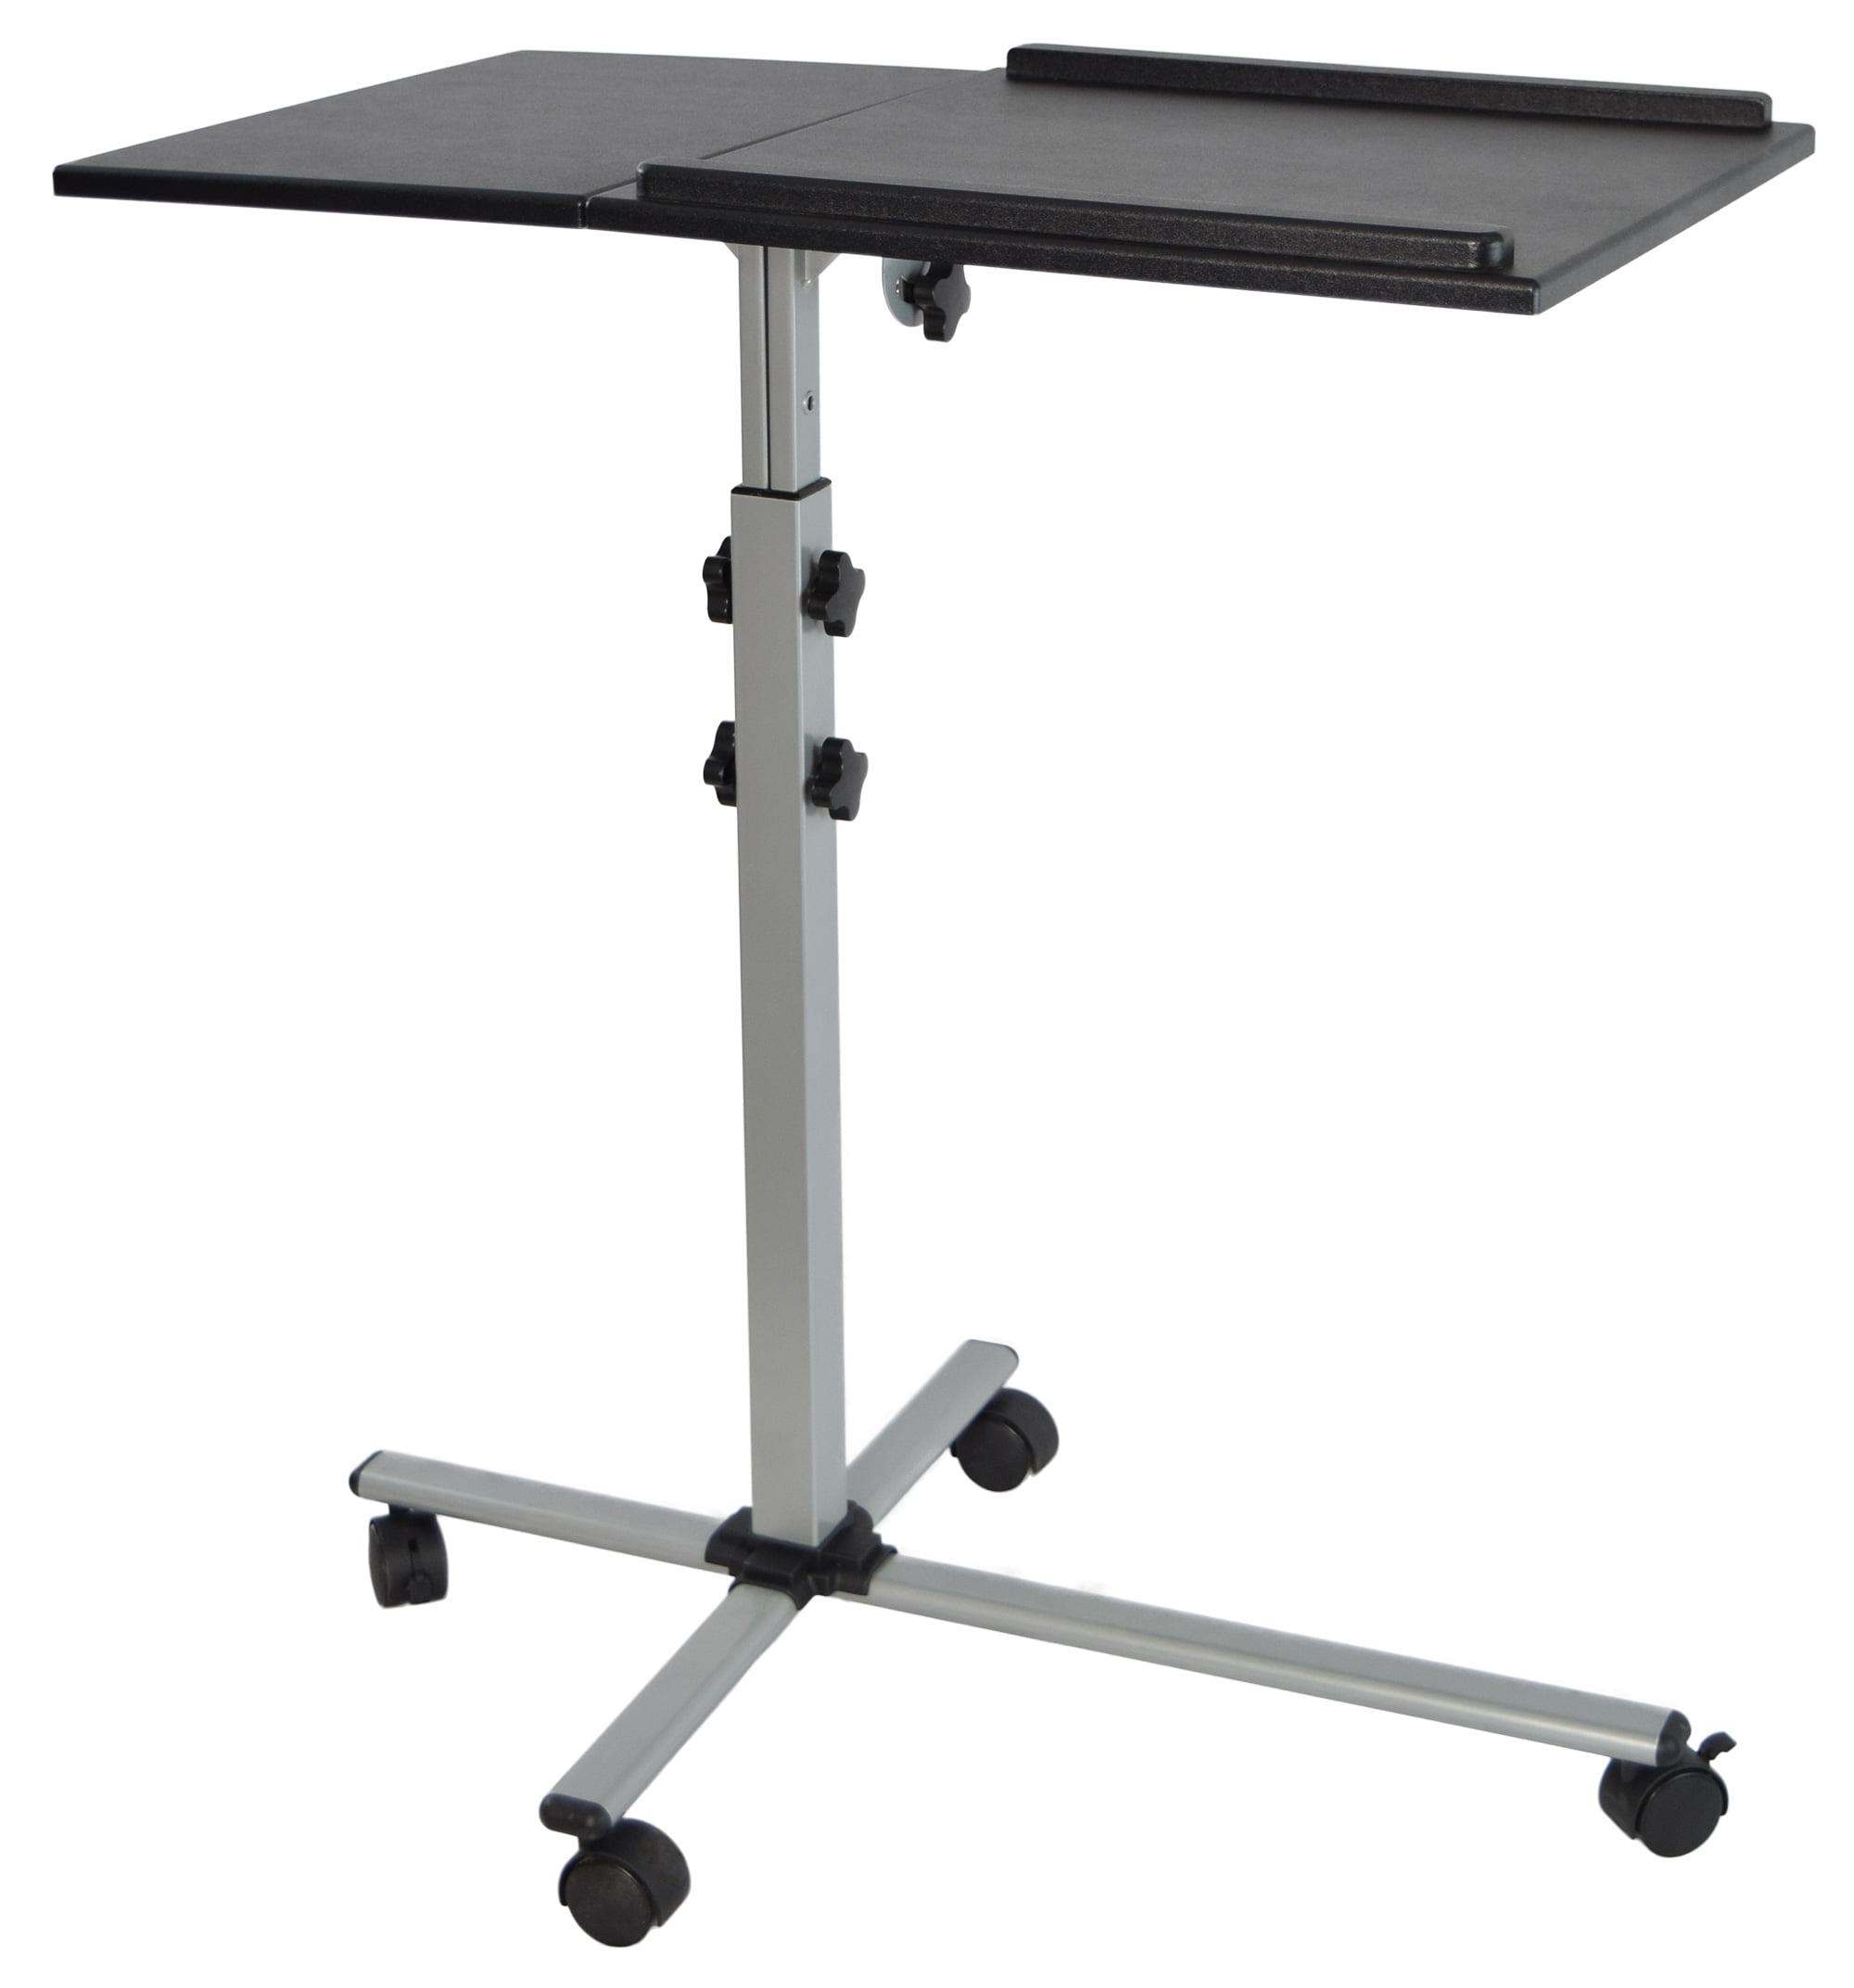 VIVO Projector U0026 Laptop Adjustable Trolley Presentation Cart Mobile  Projection Stand (CART V01L)   Walmart.com